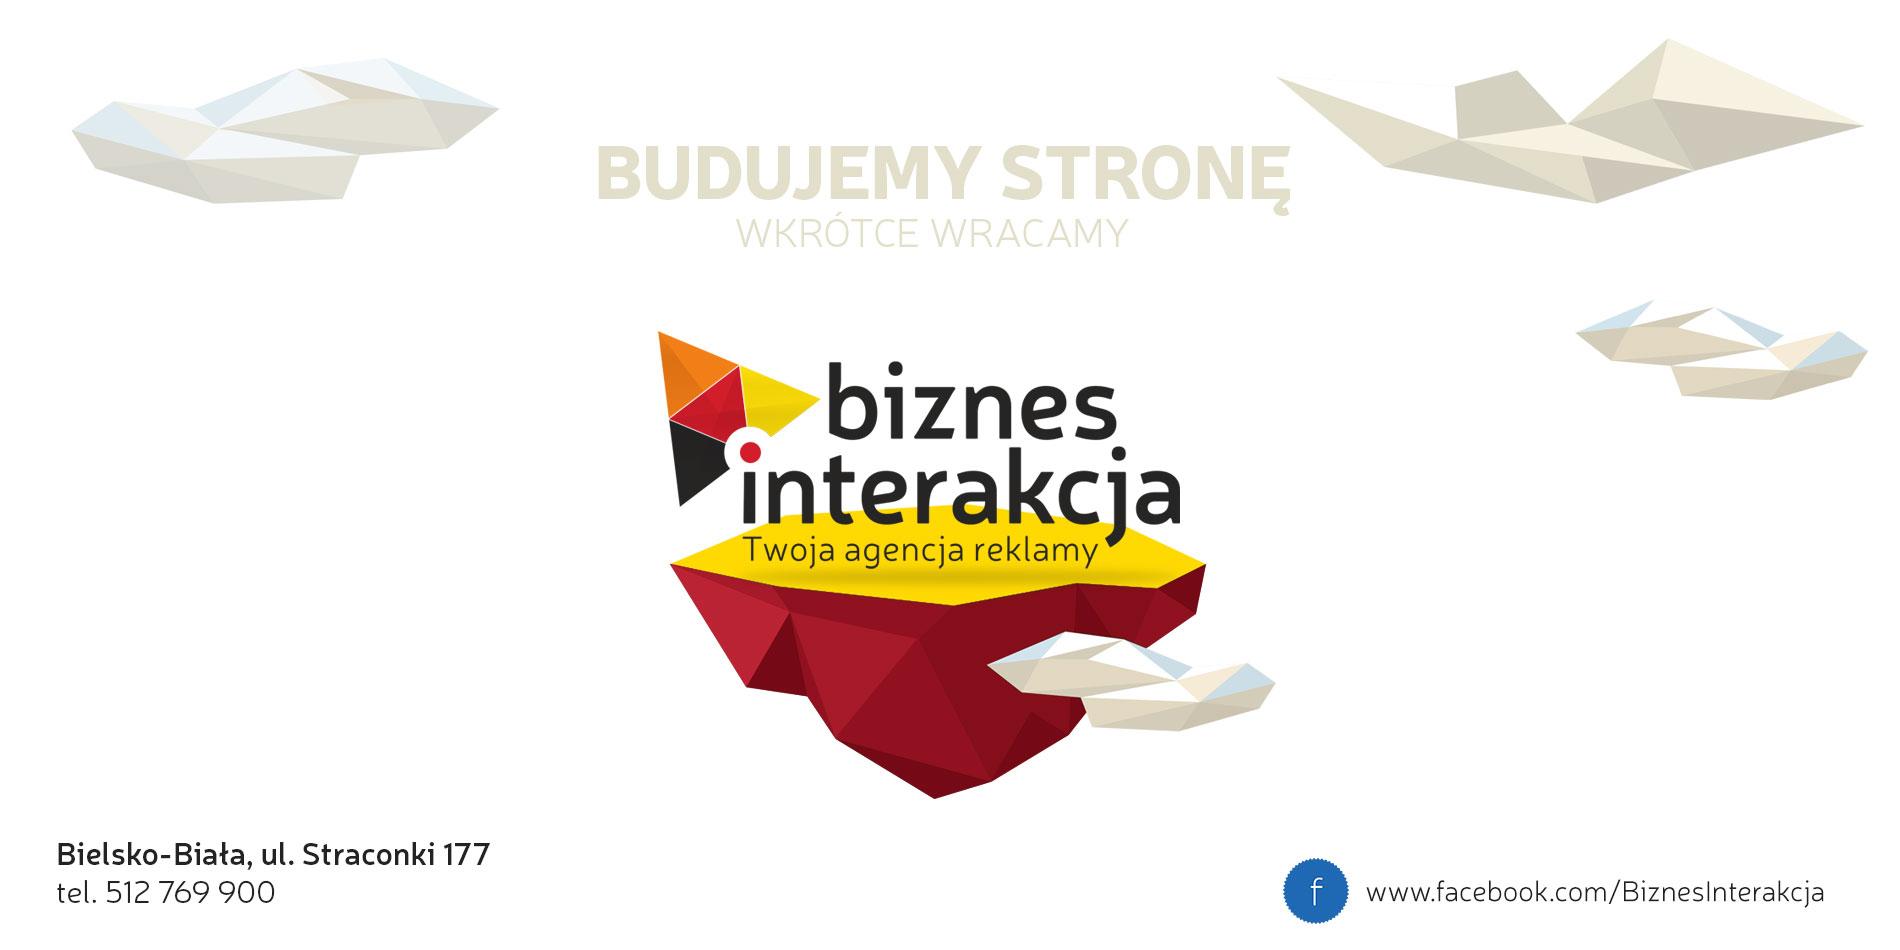 Biznesinterakcja-Agencja reklamy Bielsko-Biała,reklama,strony www,grafika,ulotki,wizytówki,plakaty-Bielsko-Biała